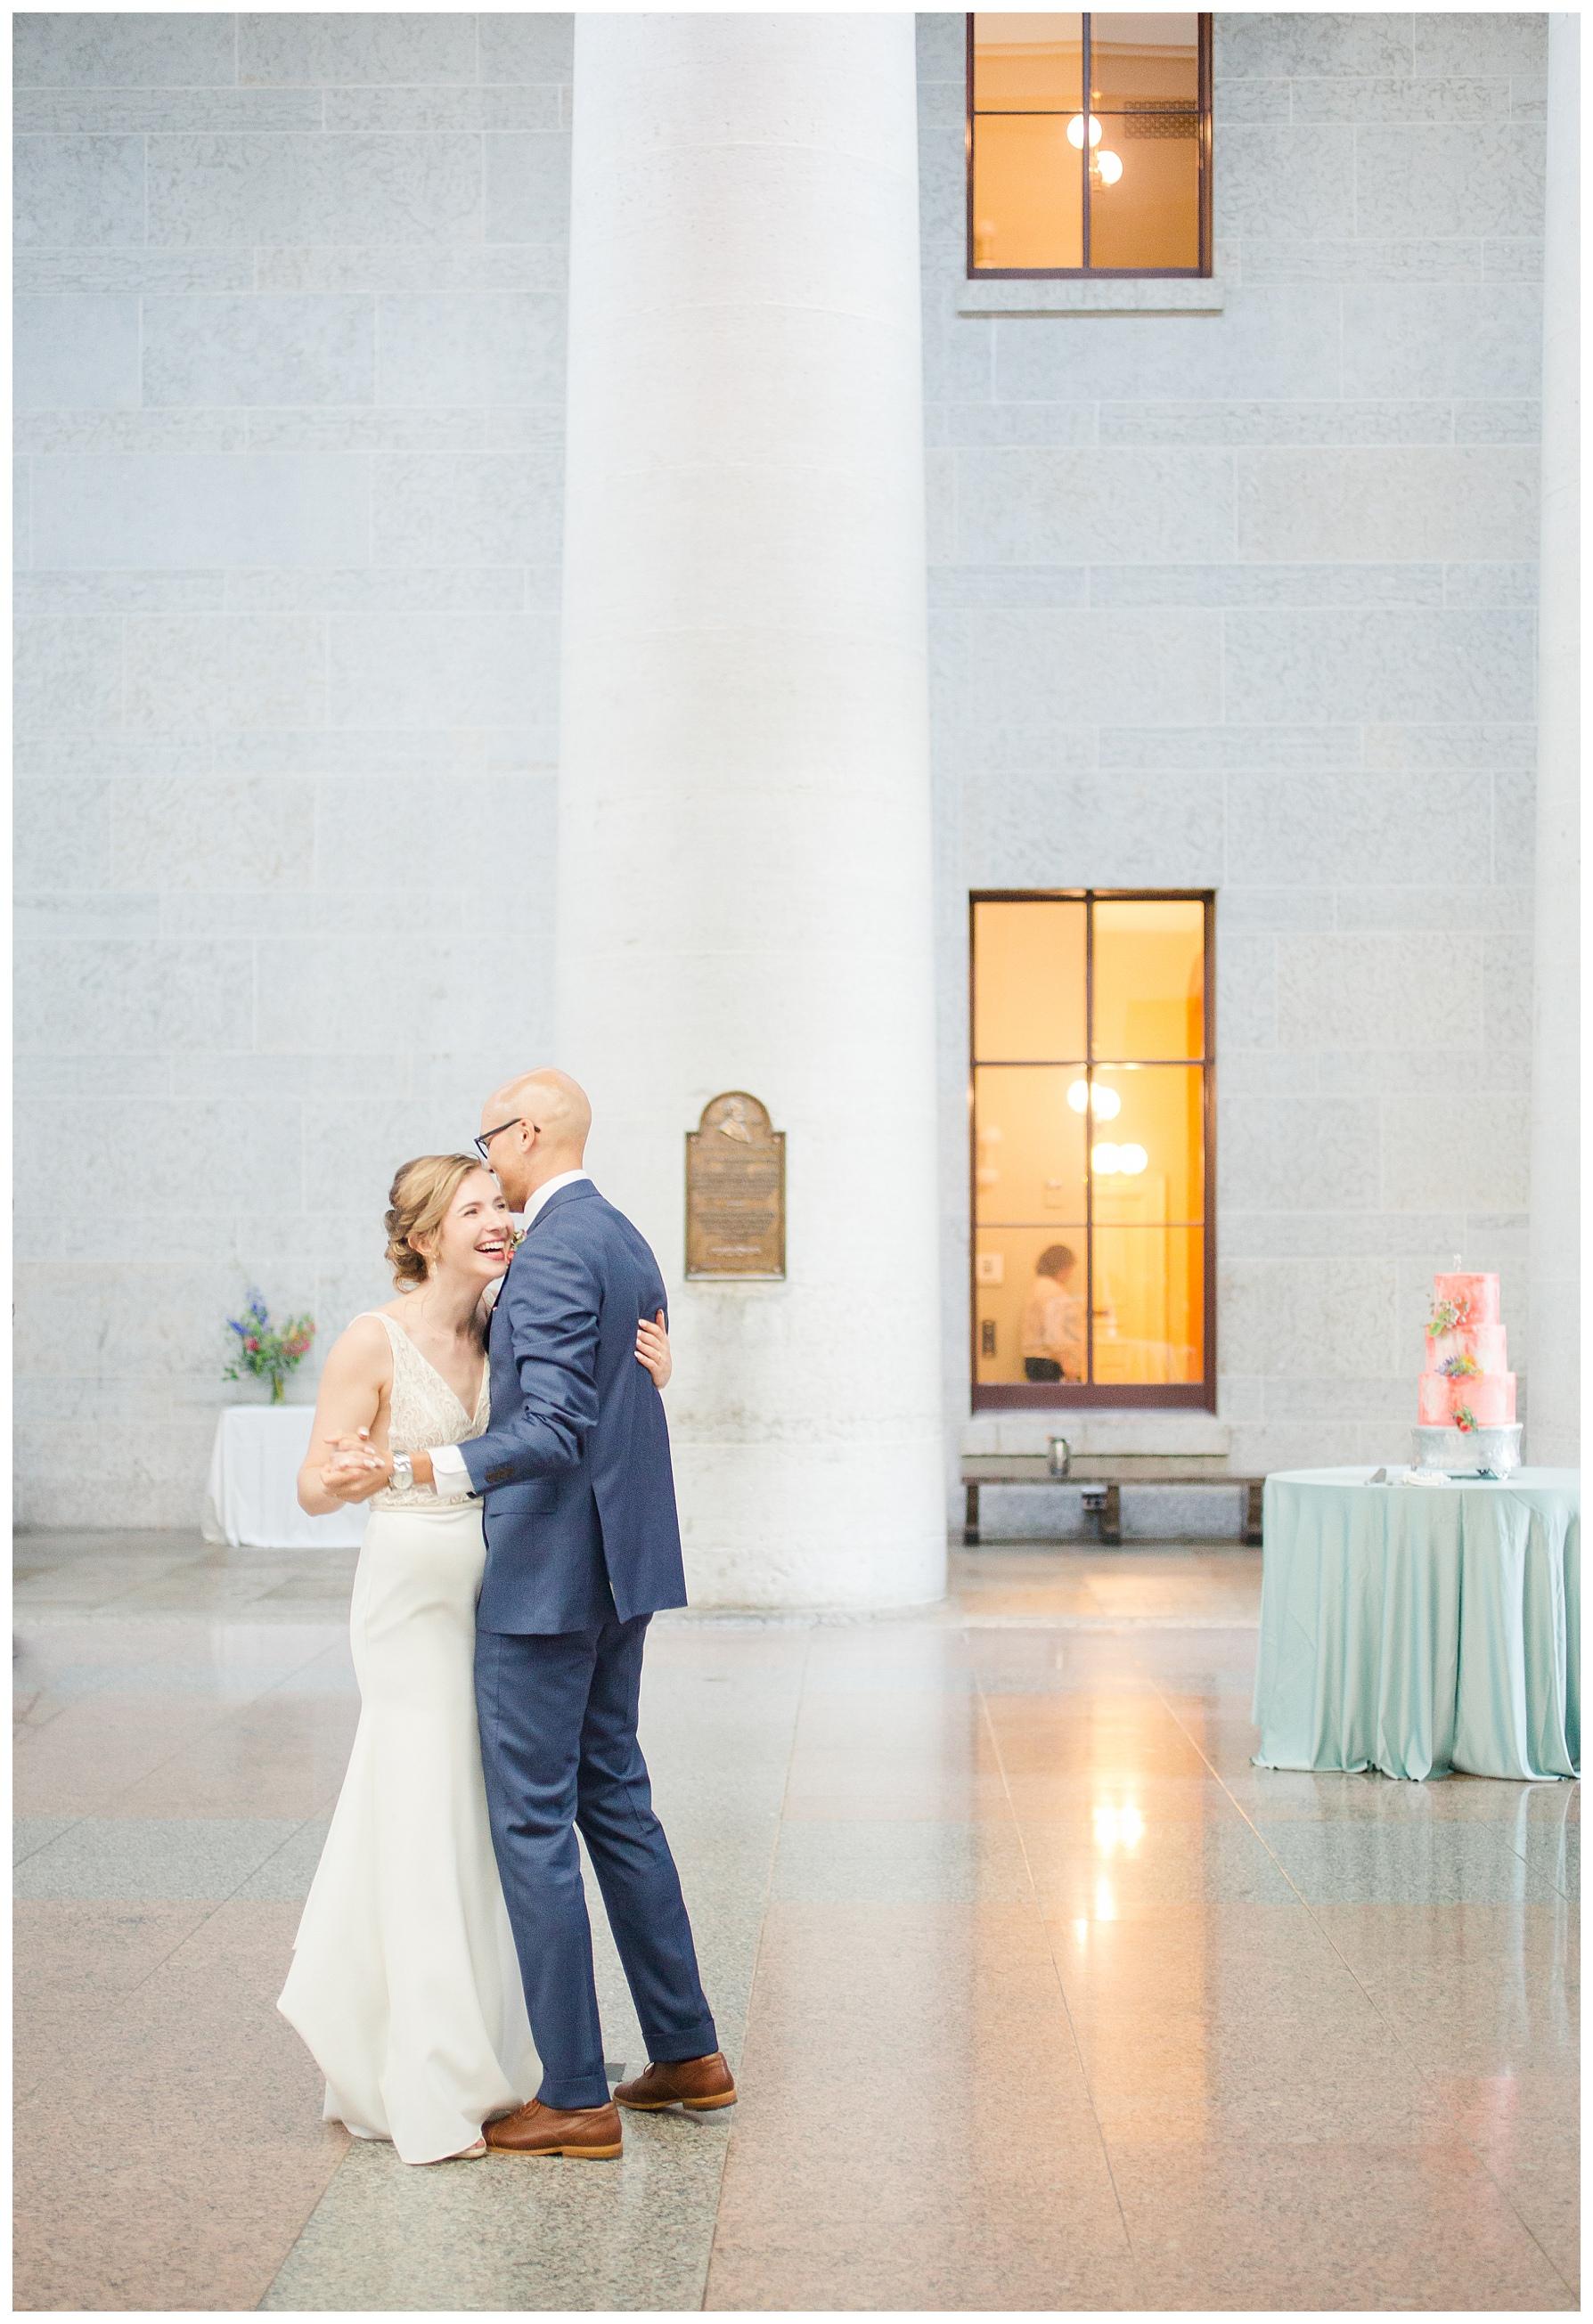 ohio-statehouse-wedding-columbus_0053.jpg